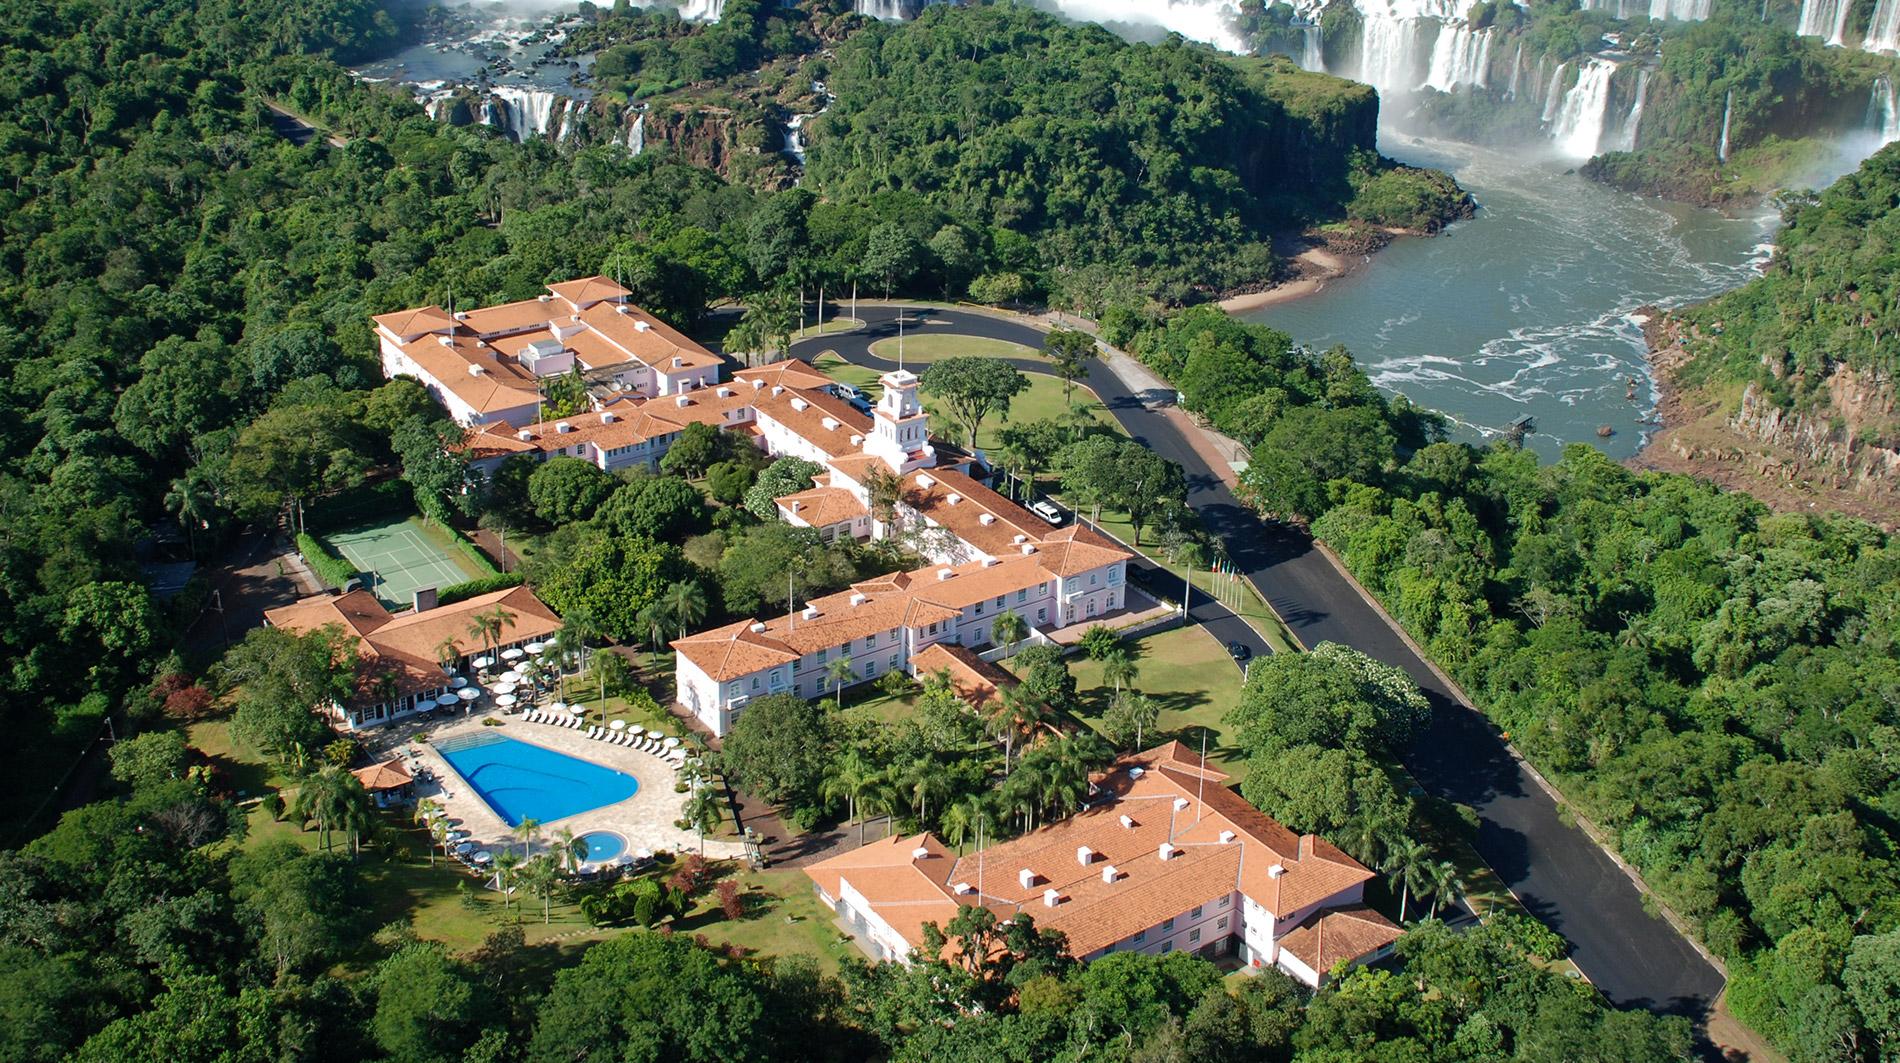 Find Serenity In The Brazilian Jungle